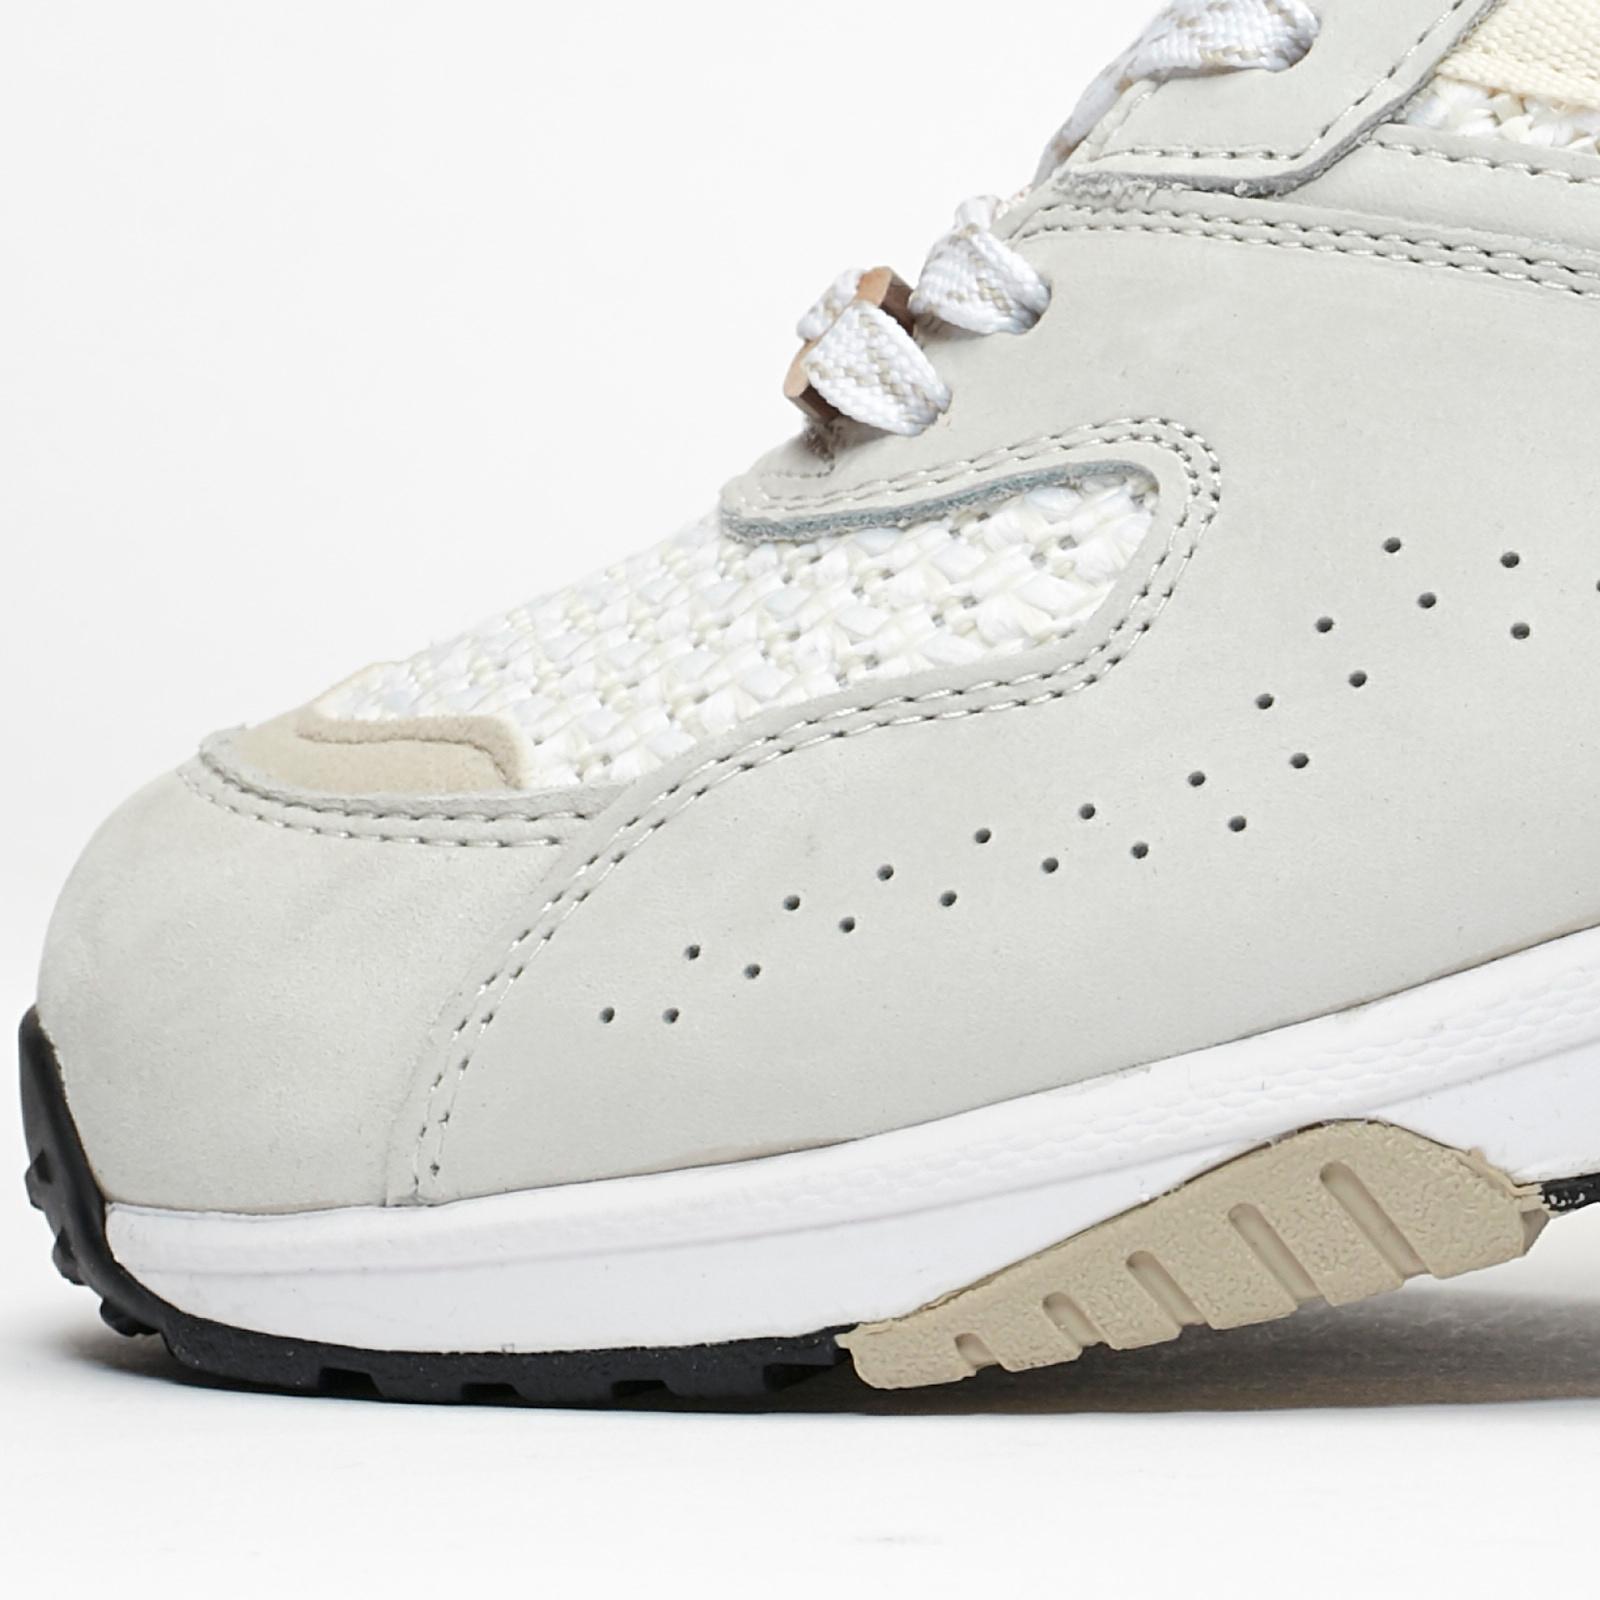 c2a0647748193 adidas ZX4000 x Shelflife - G26959 - Sneakersnstuff